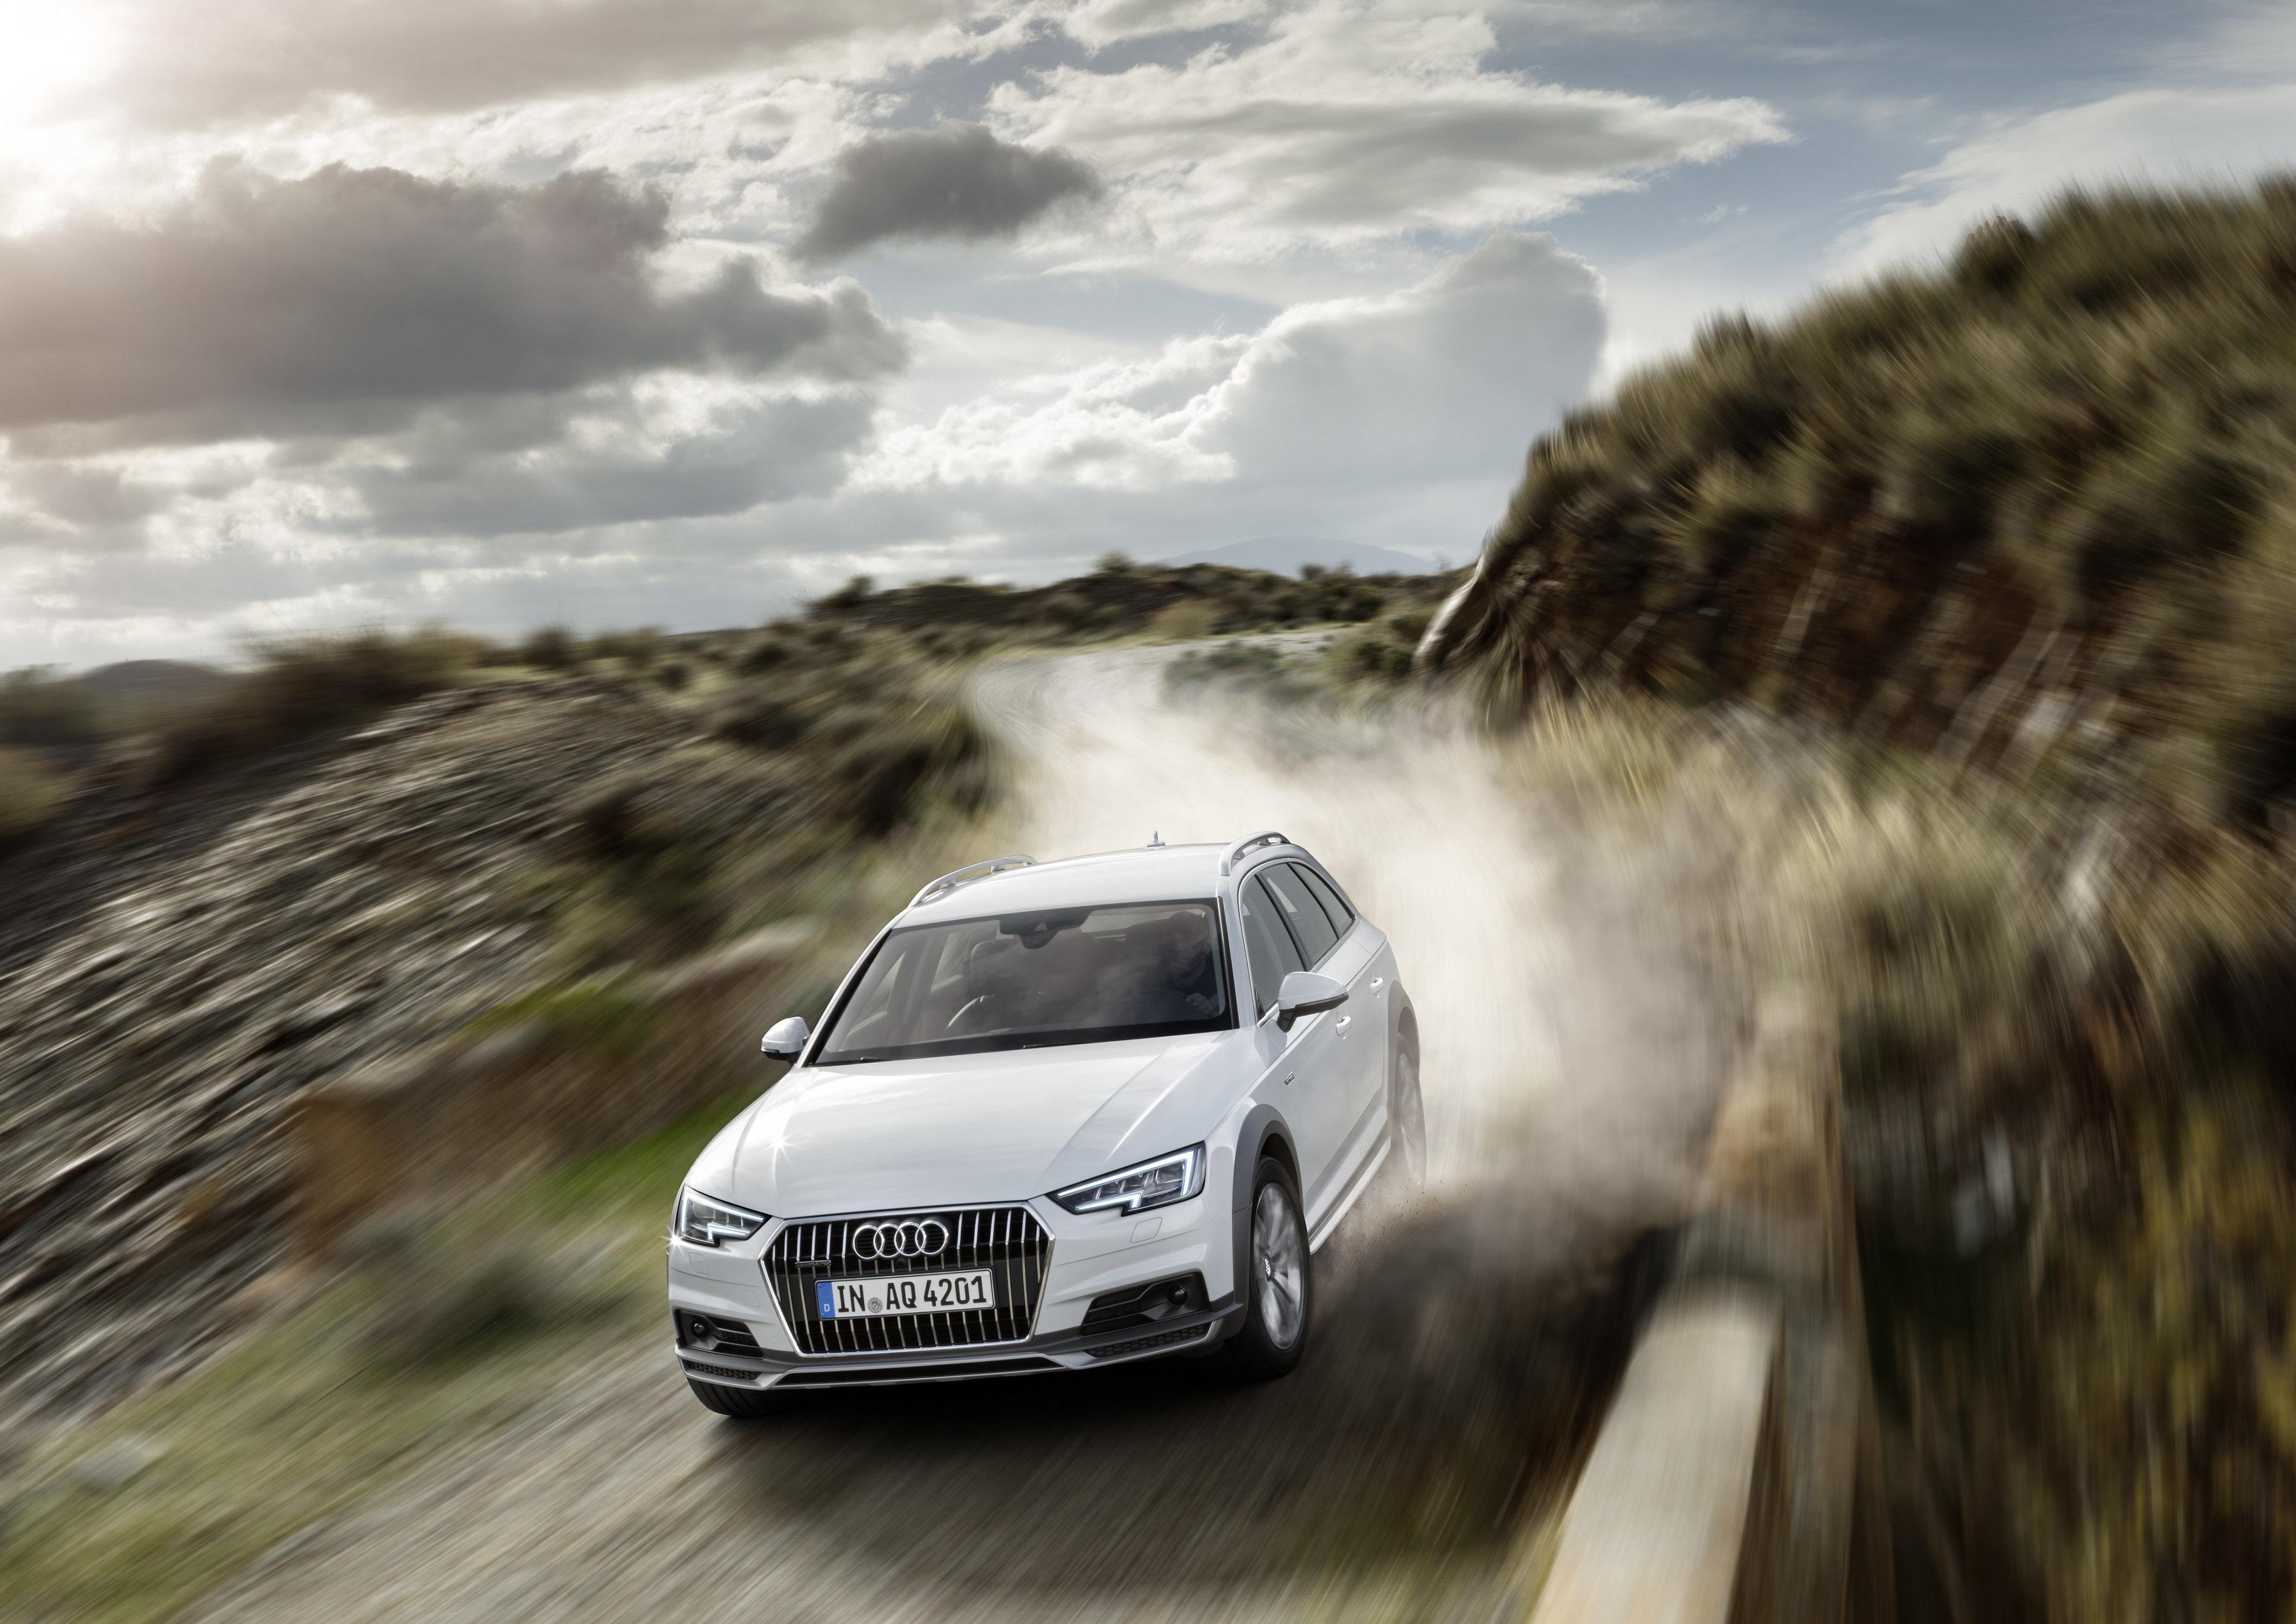 Новый двигатель 2,0 TFSI развивает мощность 249 л. с. и крутящий момент 370 Нм в диапазоне 1600-4500 об/мин. Фото Audi